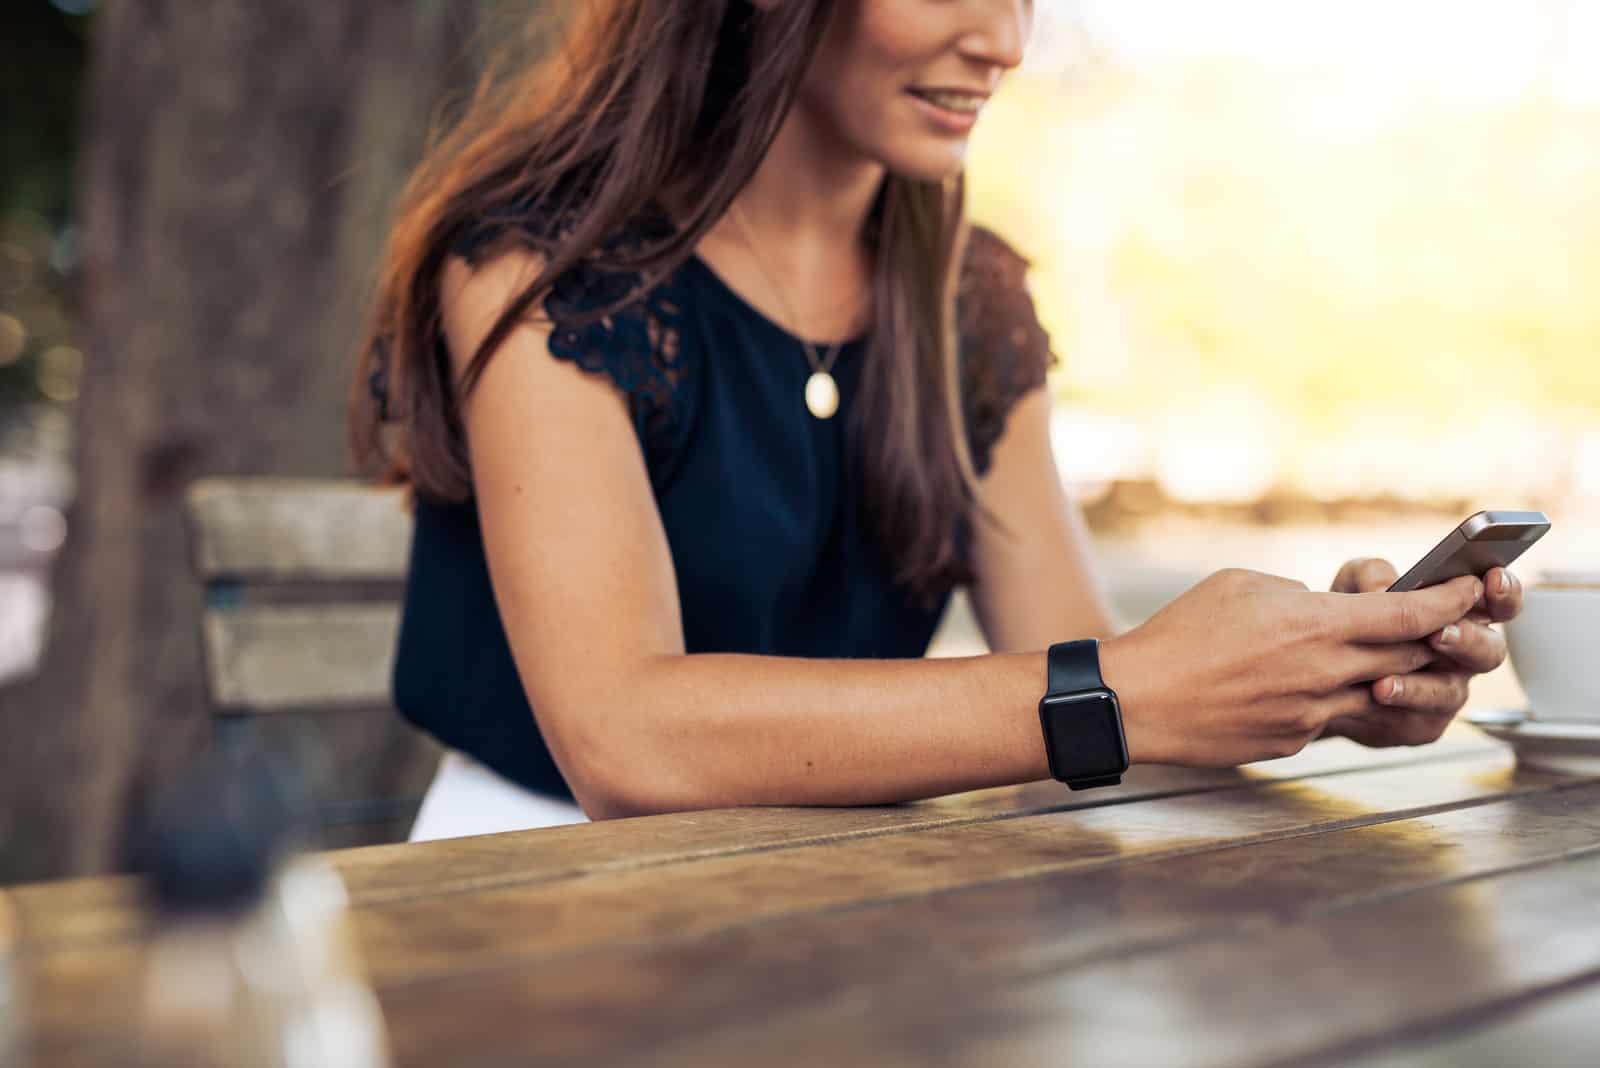 Femme tapant un message texte sur smartphone dans un café